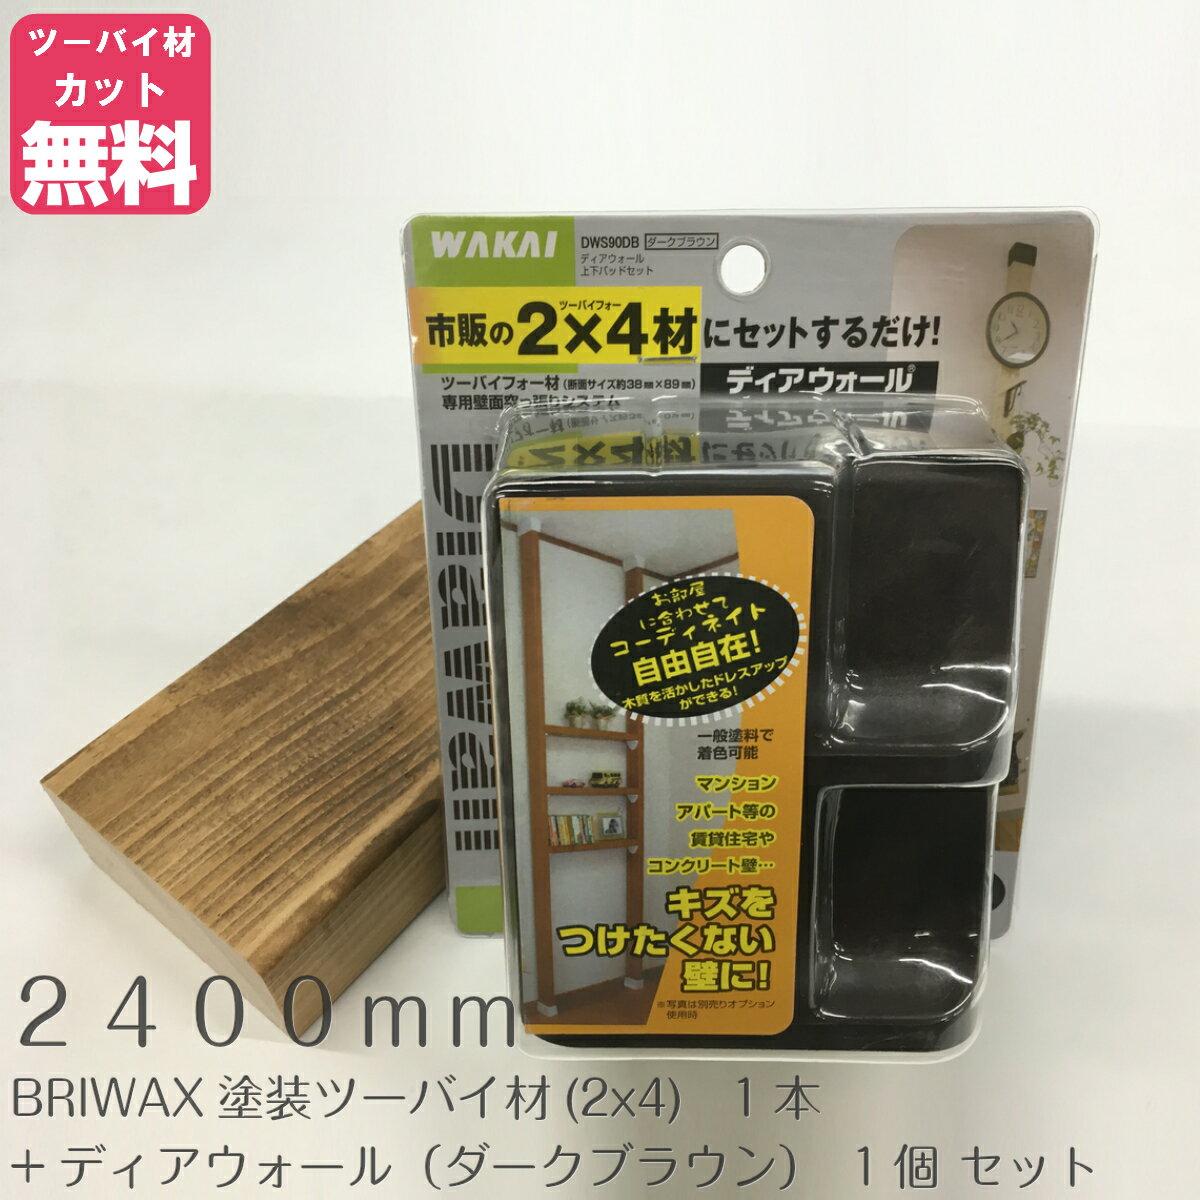 ディアウォール+2x4材(2400mm)セットカラー:ダークブラウン BRIWAX(ジャコビアン)塗装